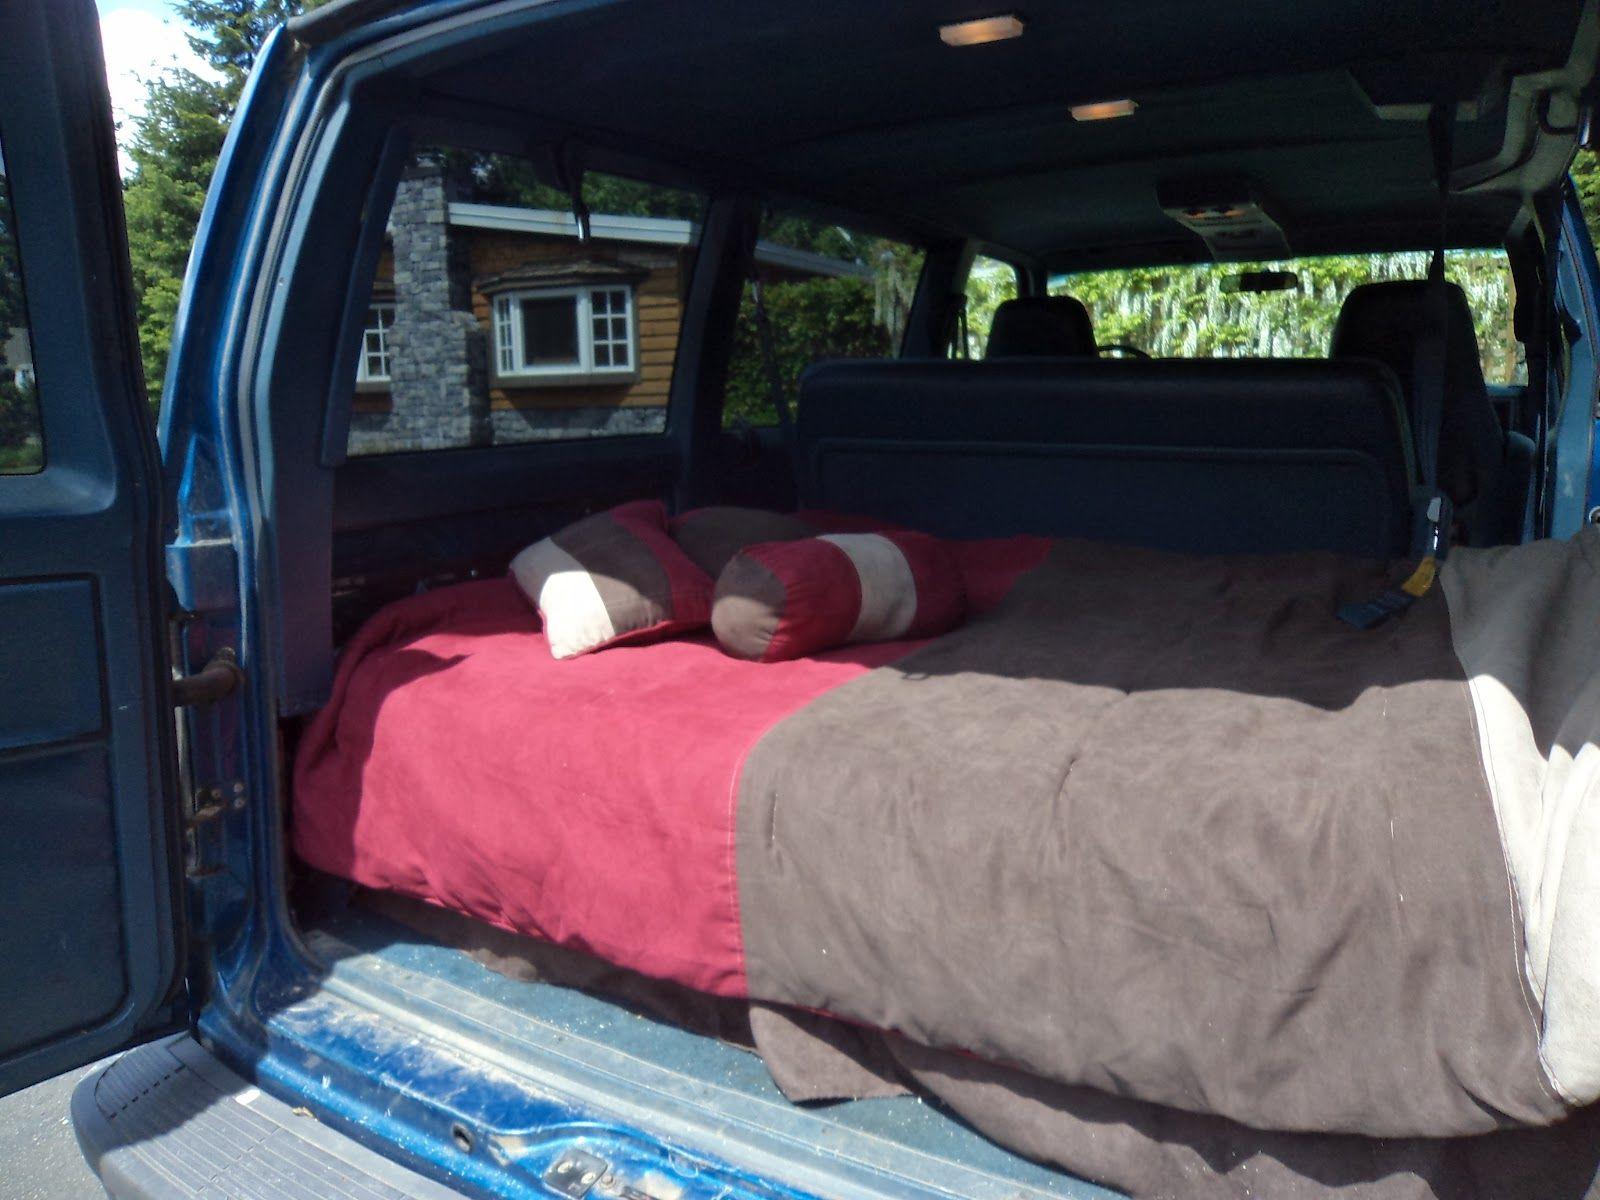 Chevy Astro Van Bed | Bed Linen Gallery